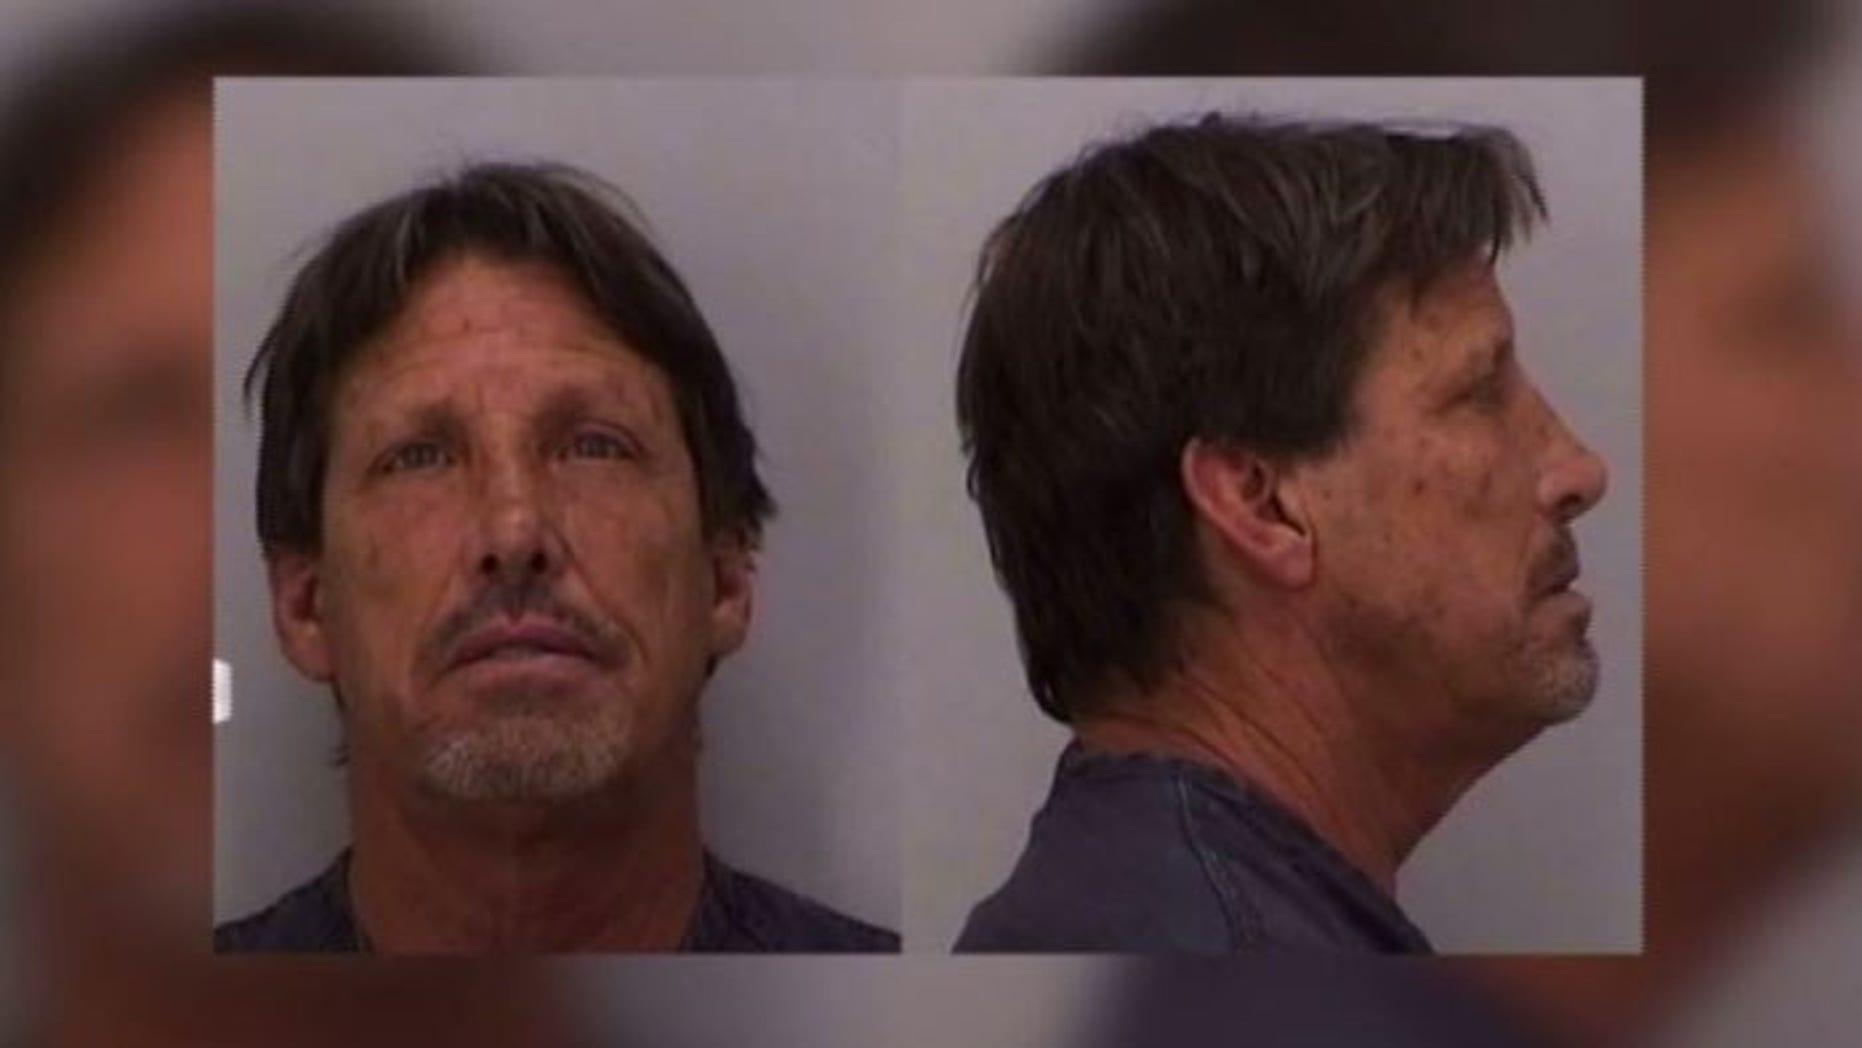 Frank Leo Huner was arrested on suspicion of second-degree murder.